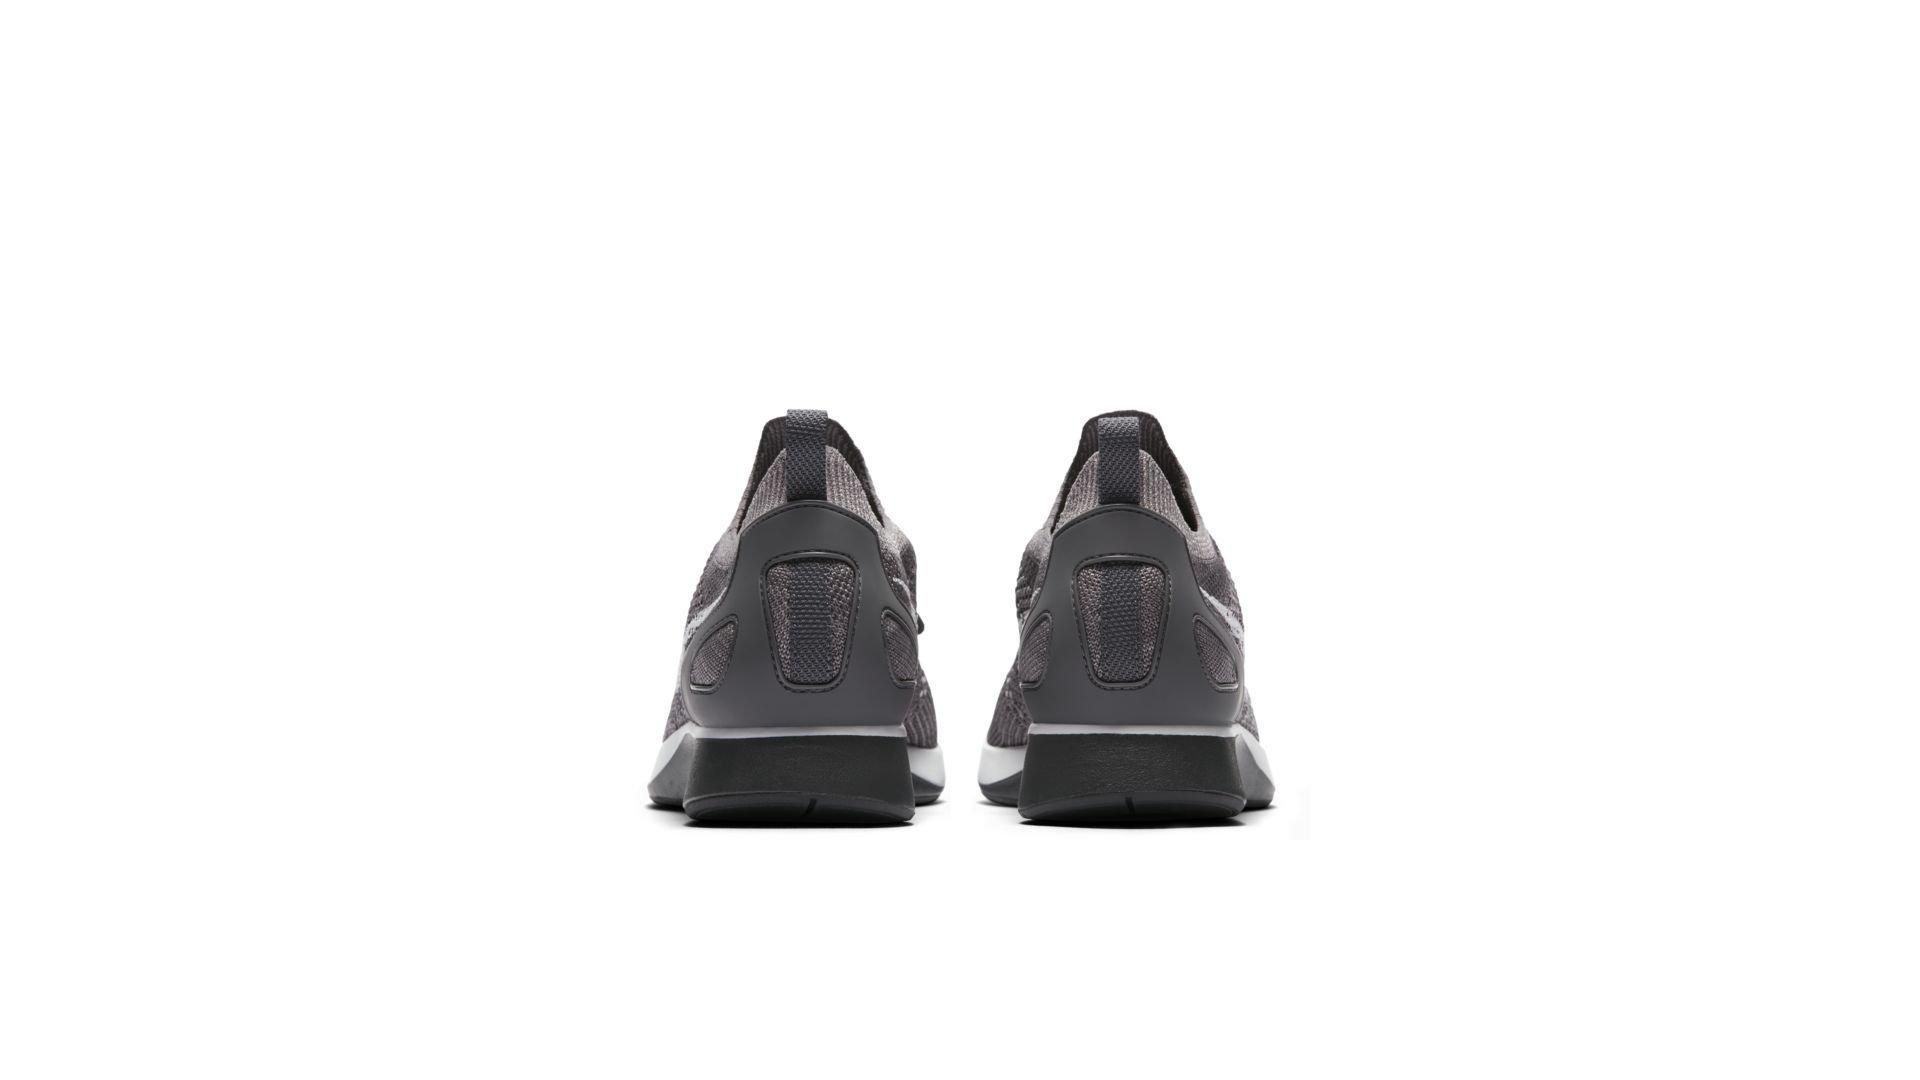 Nike Mariah Flyknit Racer Gunsmoke (918264-009)